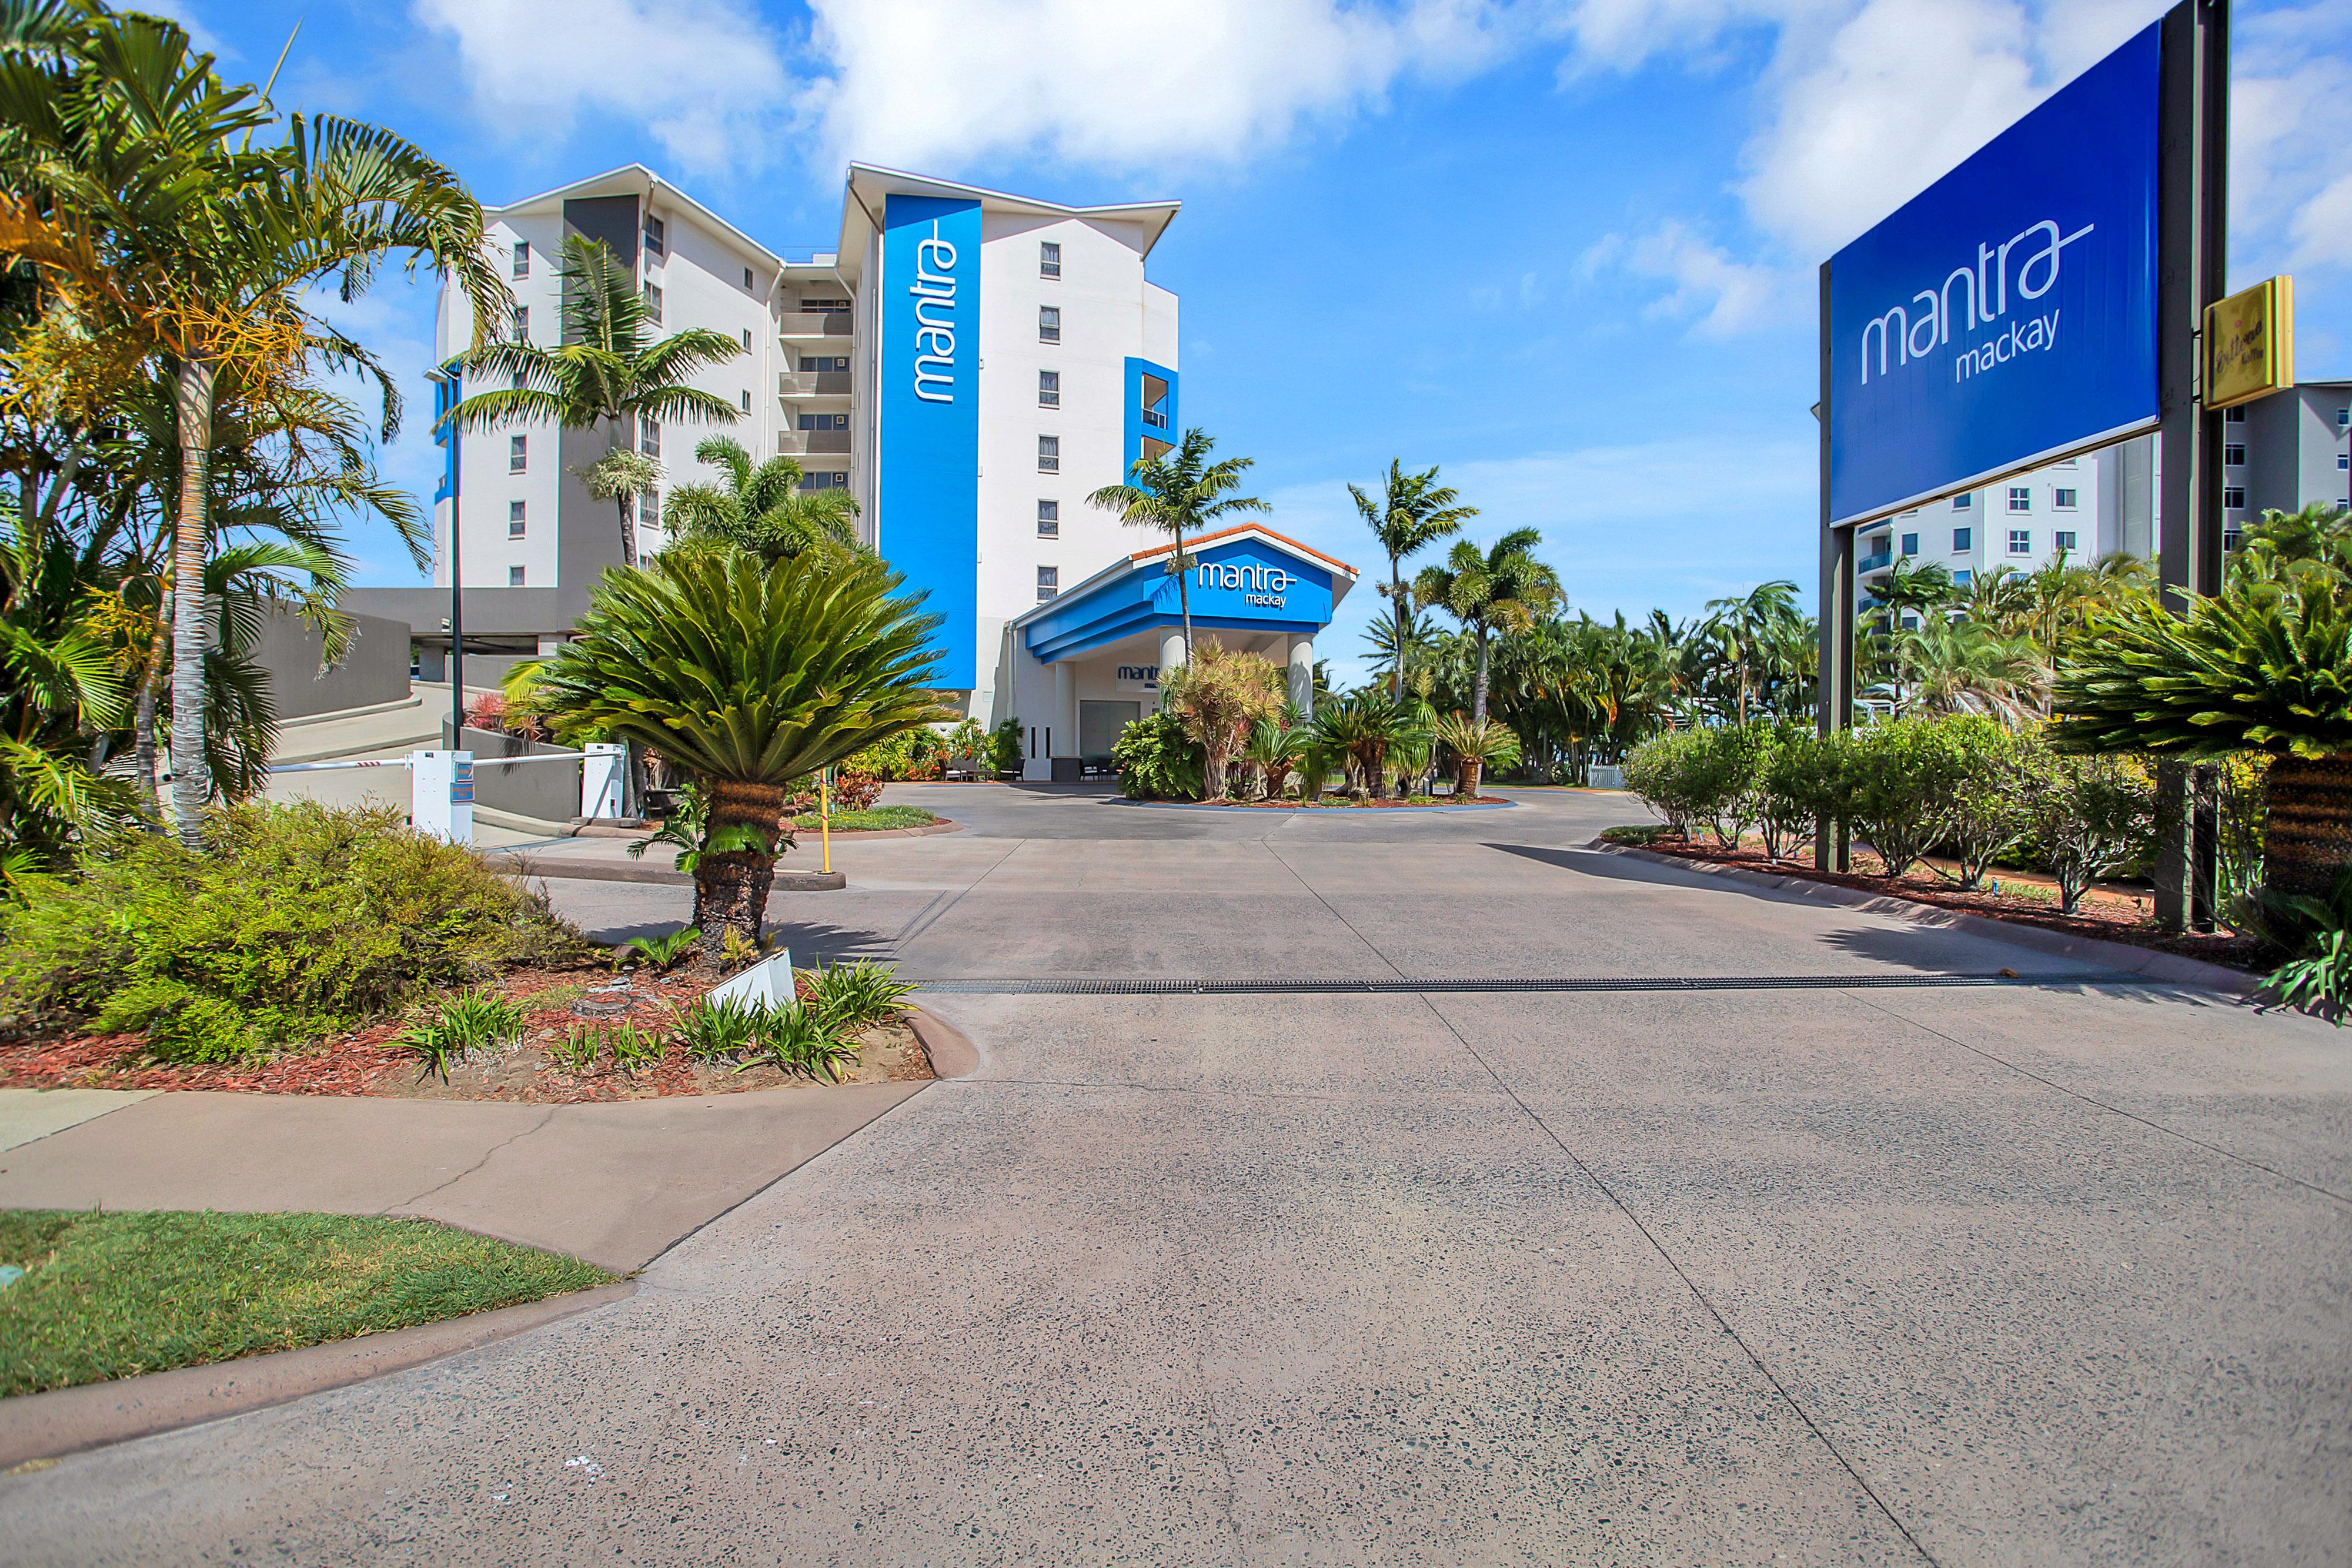 Clarion Hotel Mackay Marina